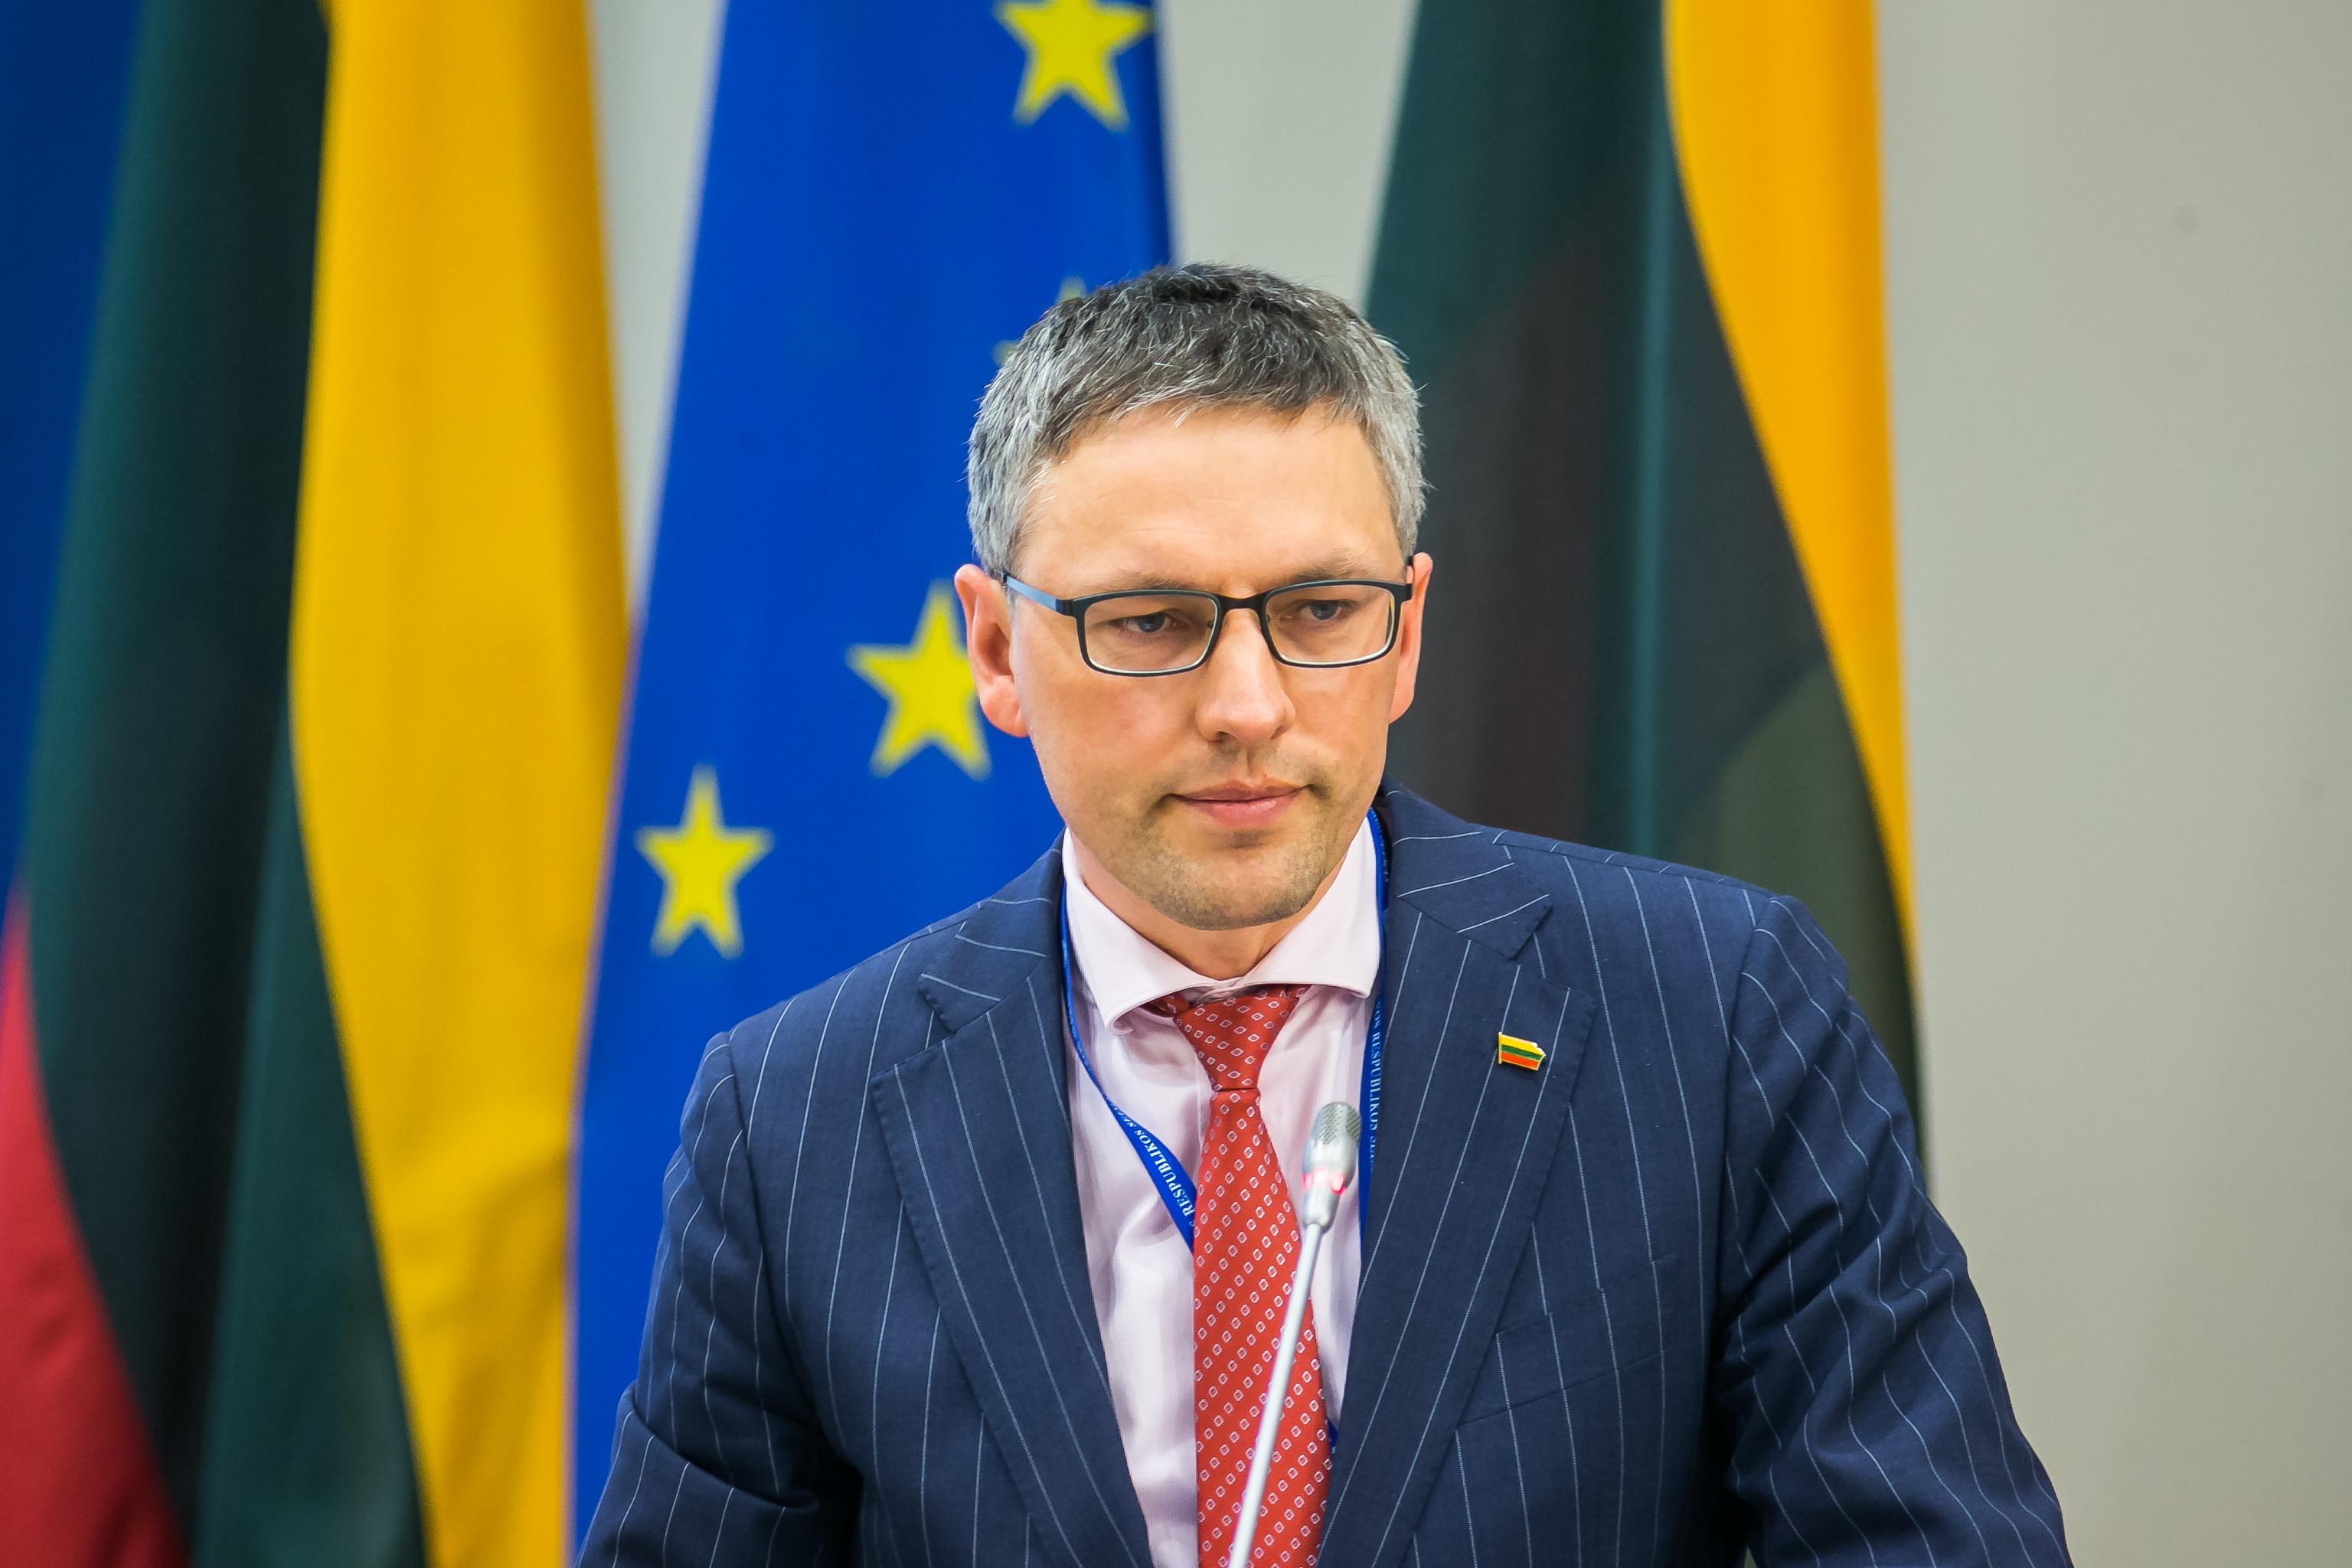 Seimo narys V. Bakas siūlo Antikorupcijos komisijai imtis korupcijos rizikų sveikatos sektoriuje ir pandemijos valdymo procese